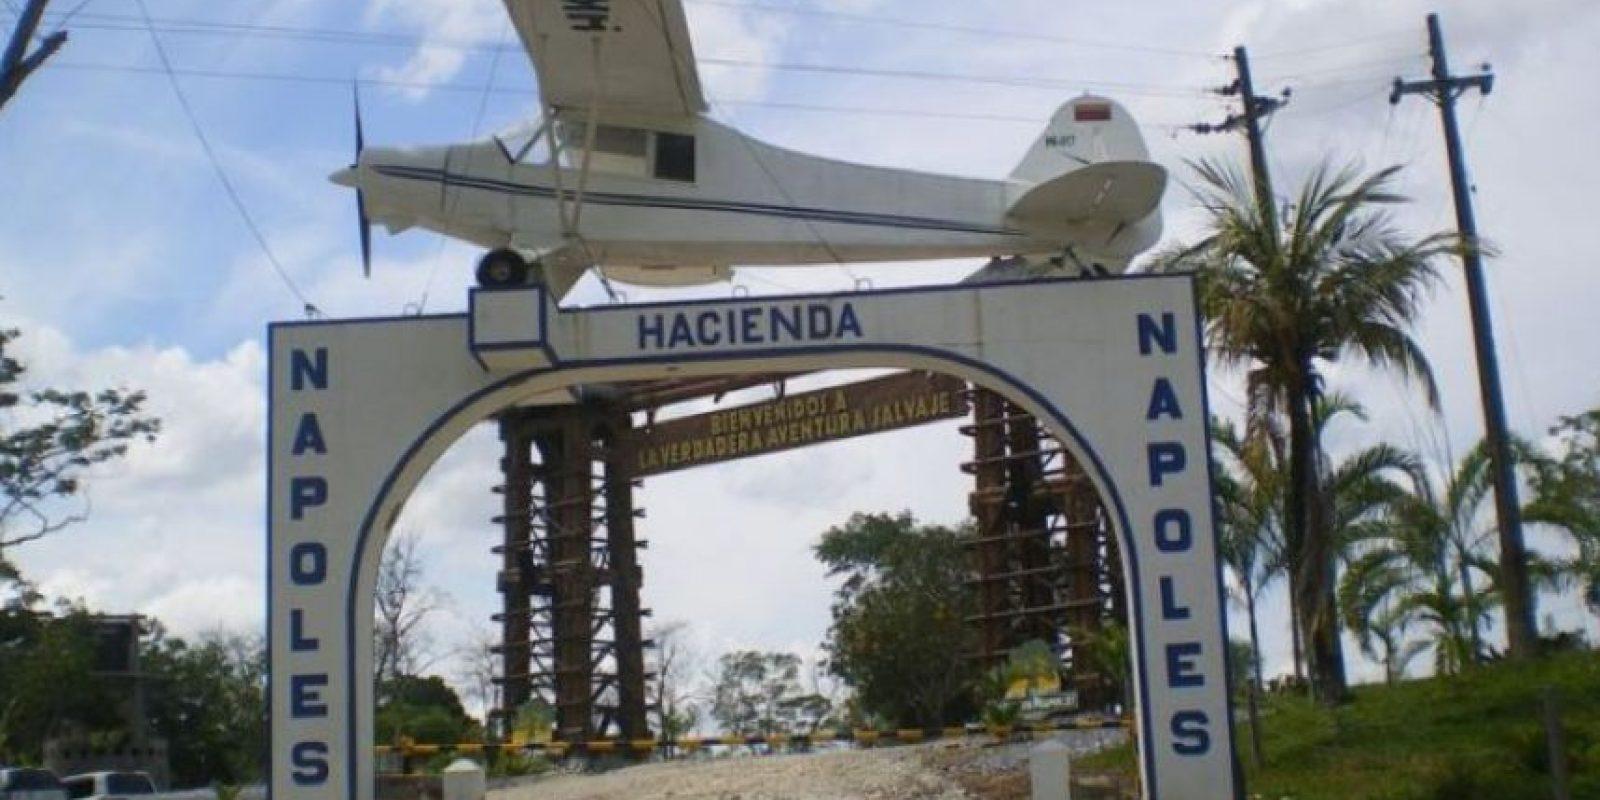 El lugar se encuentra 165 kilómetros de Medellín. Foto:Vía Flickr.com